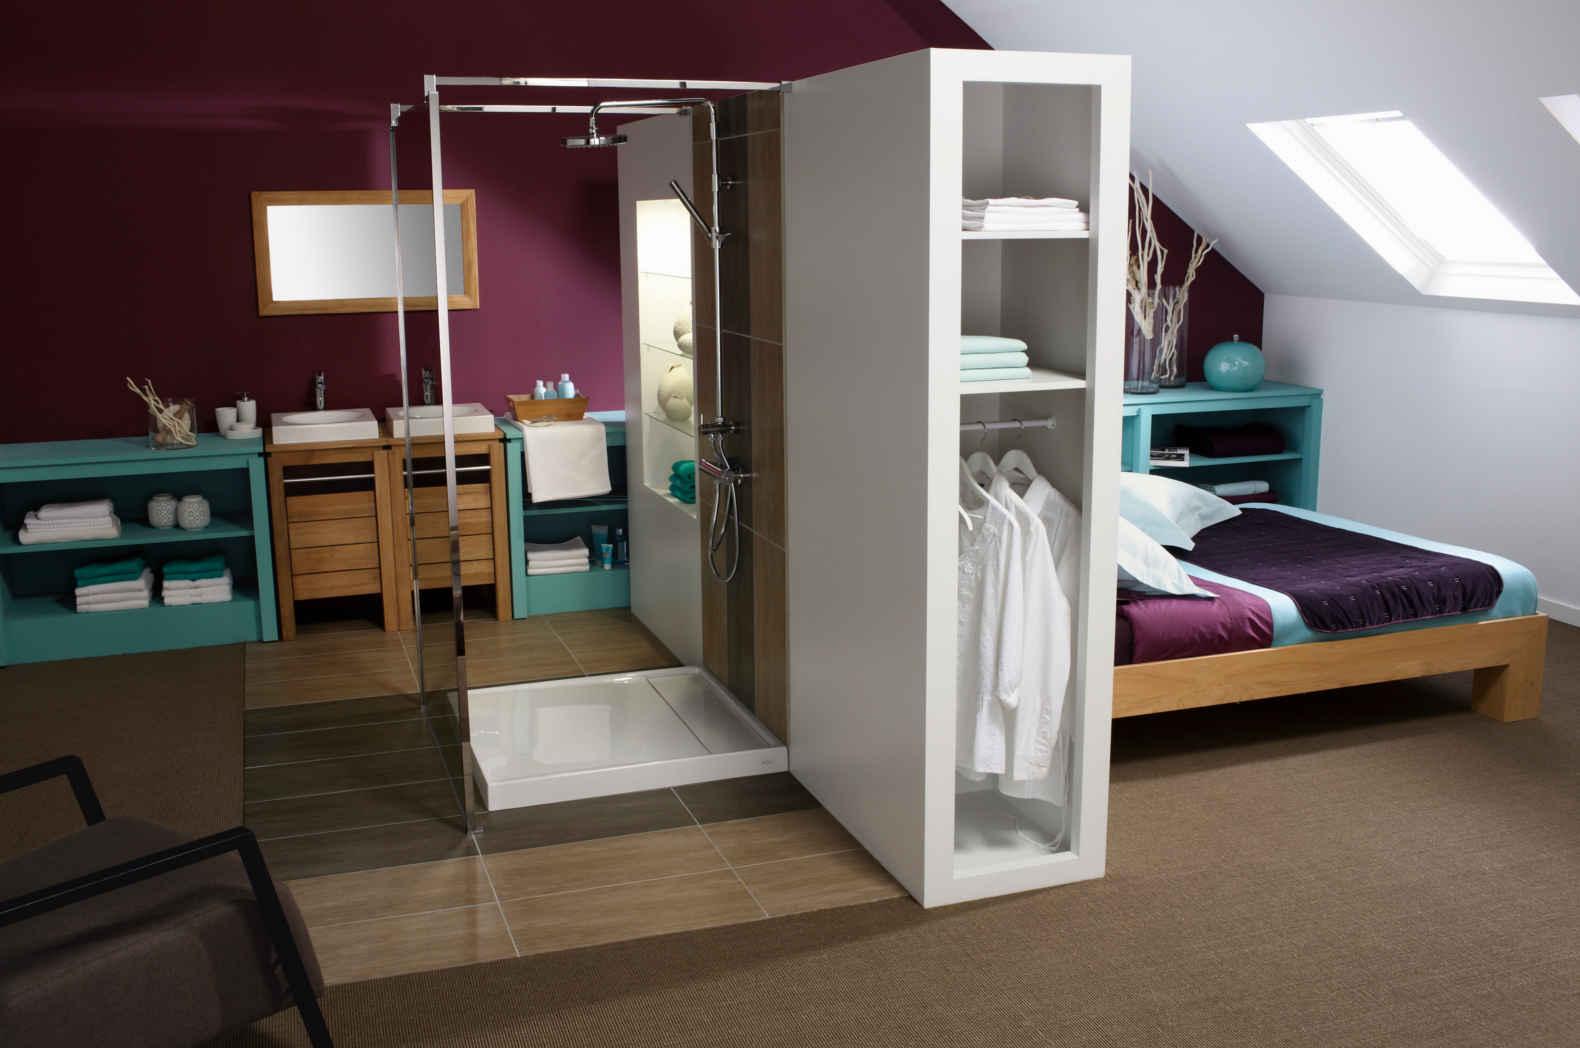 comment cacher un wc dans une salle de bain comment refaire une salle de bain comment racussir. Black Bedroom Furniture Sets. Home Design Ideas